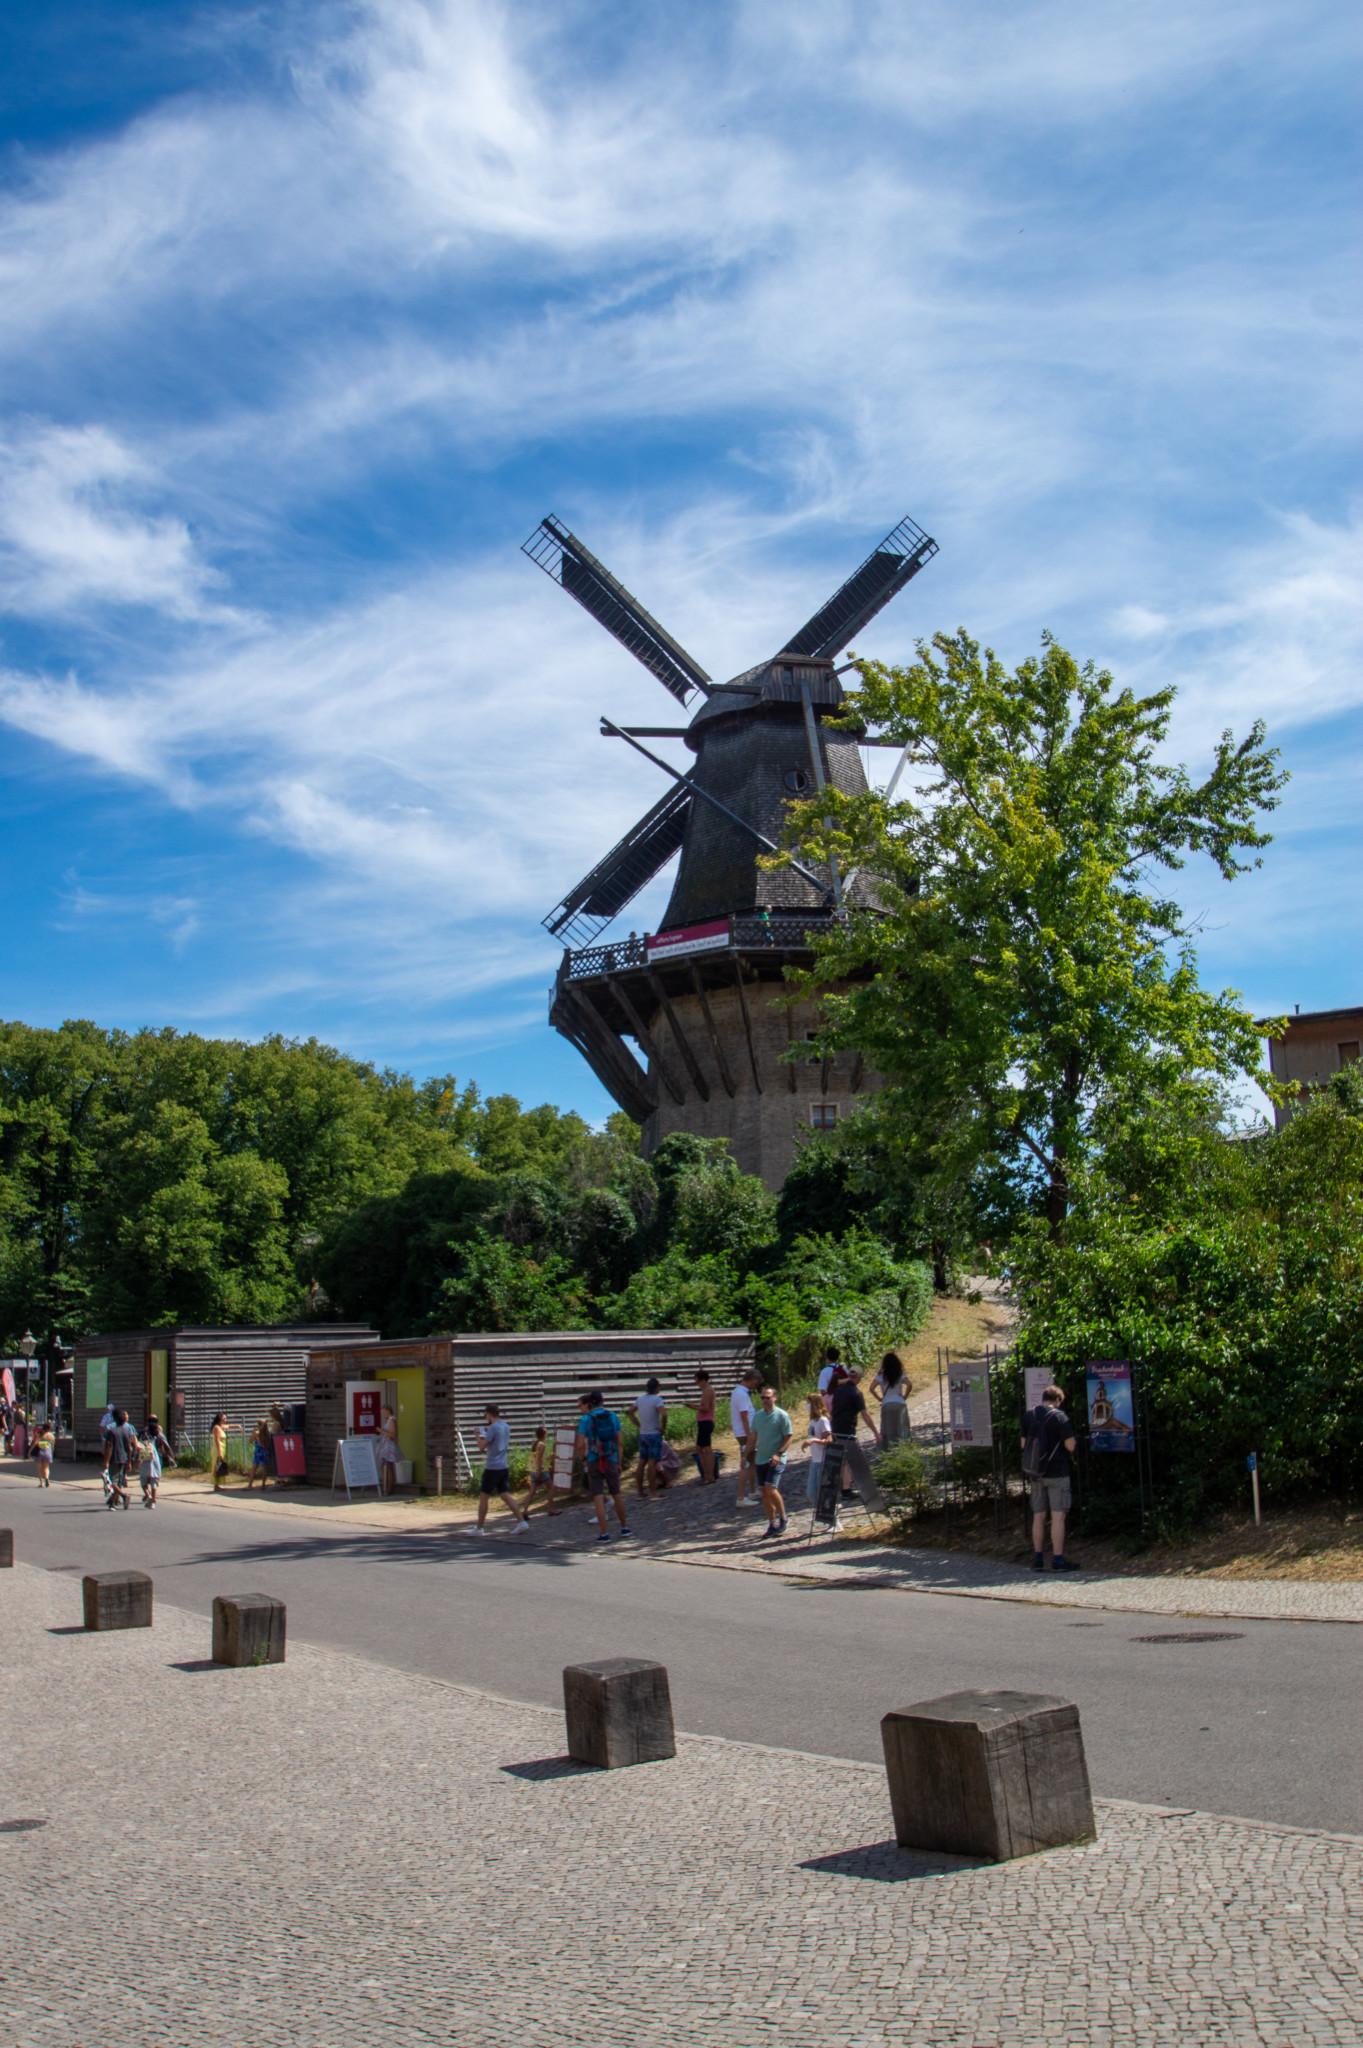 Die historische Windmühle befindet sich am Eingang vom Schloss Sanssouci